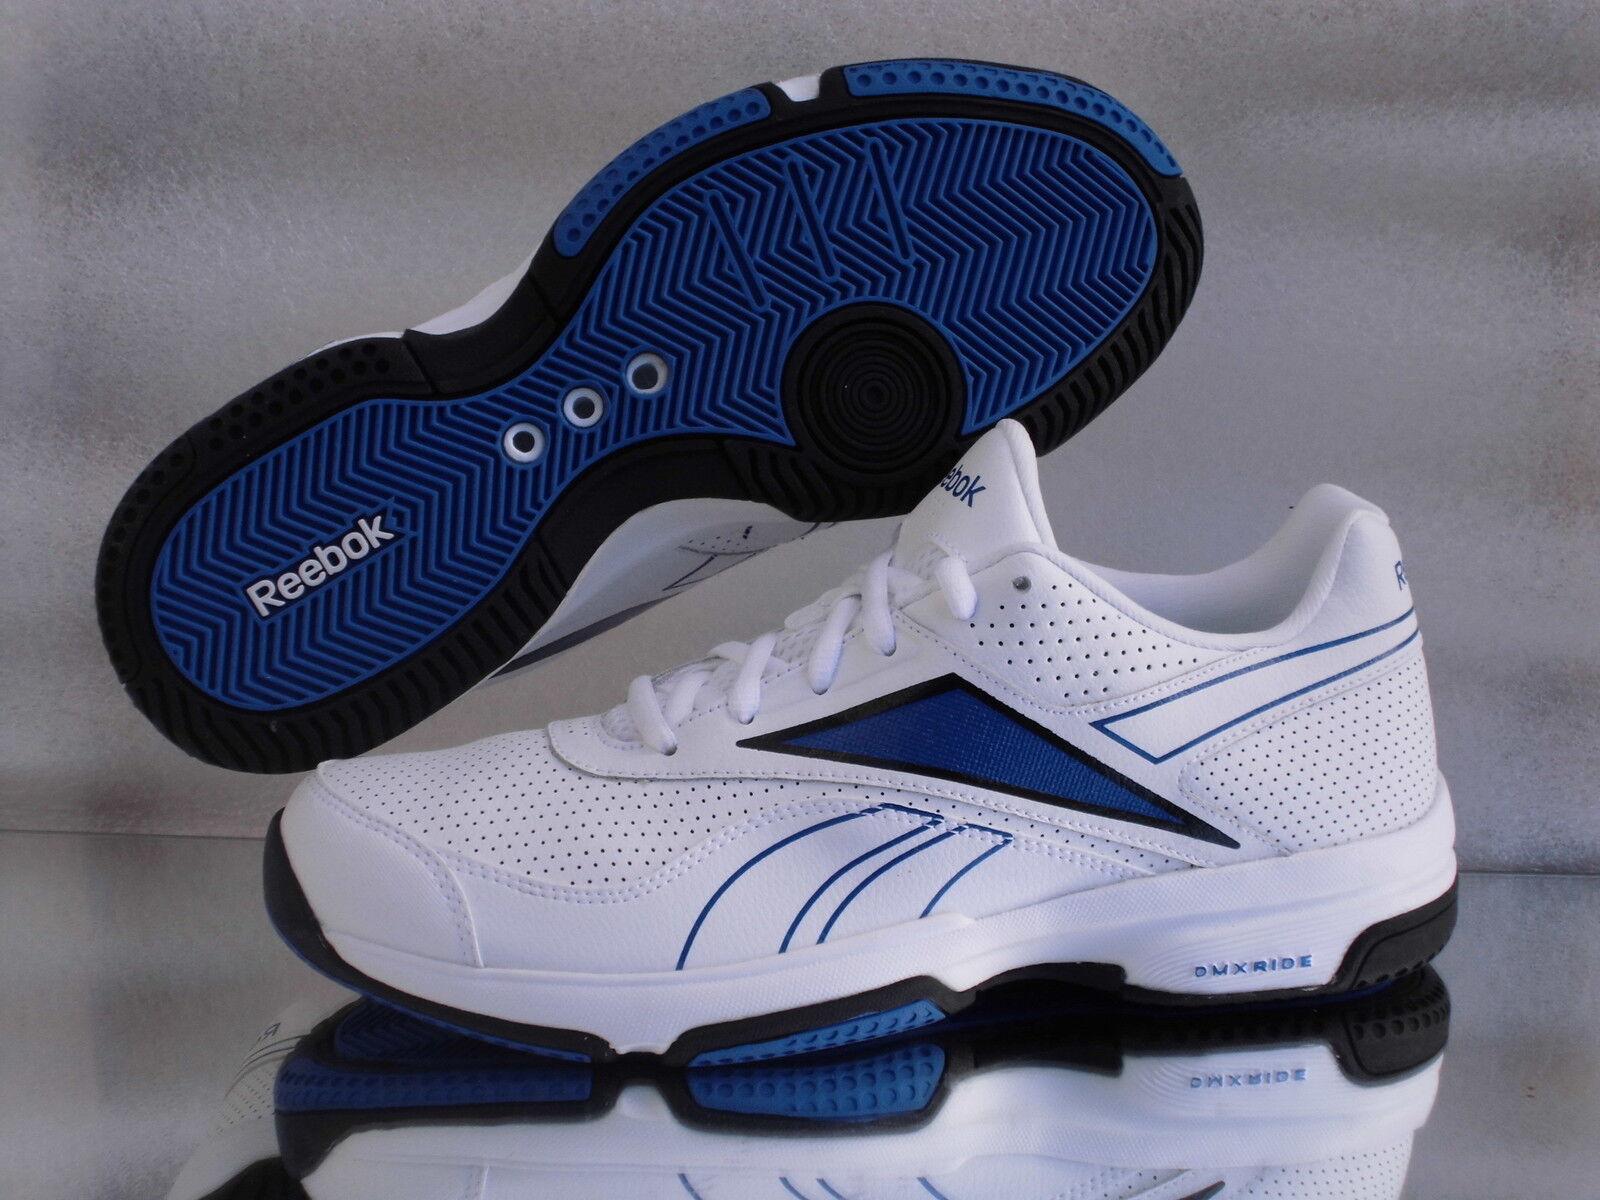 Grandes descuentos nuevos zapatos Puma caballero NV semi zapato verde